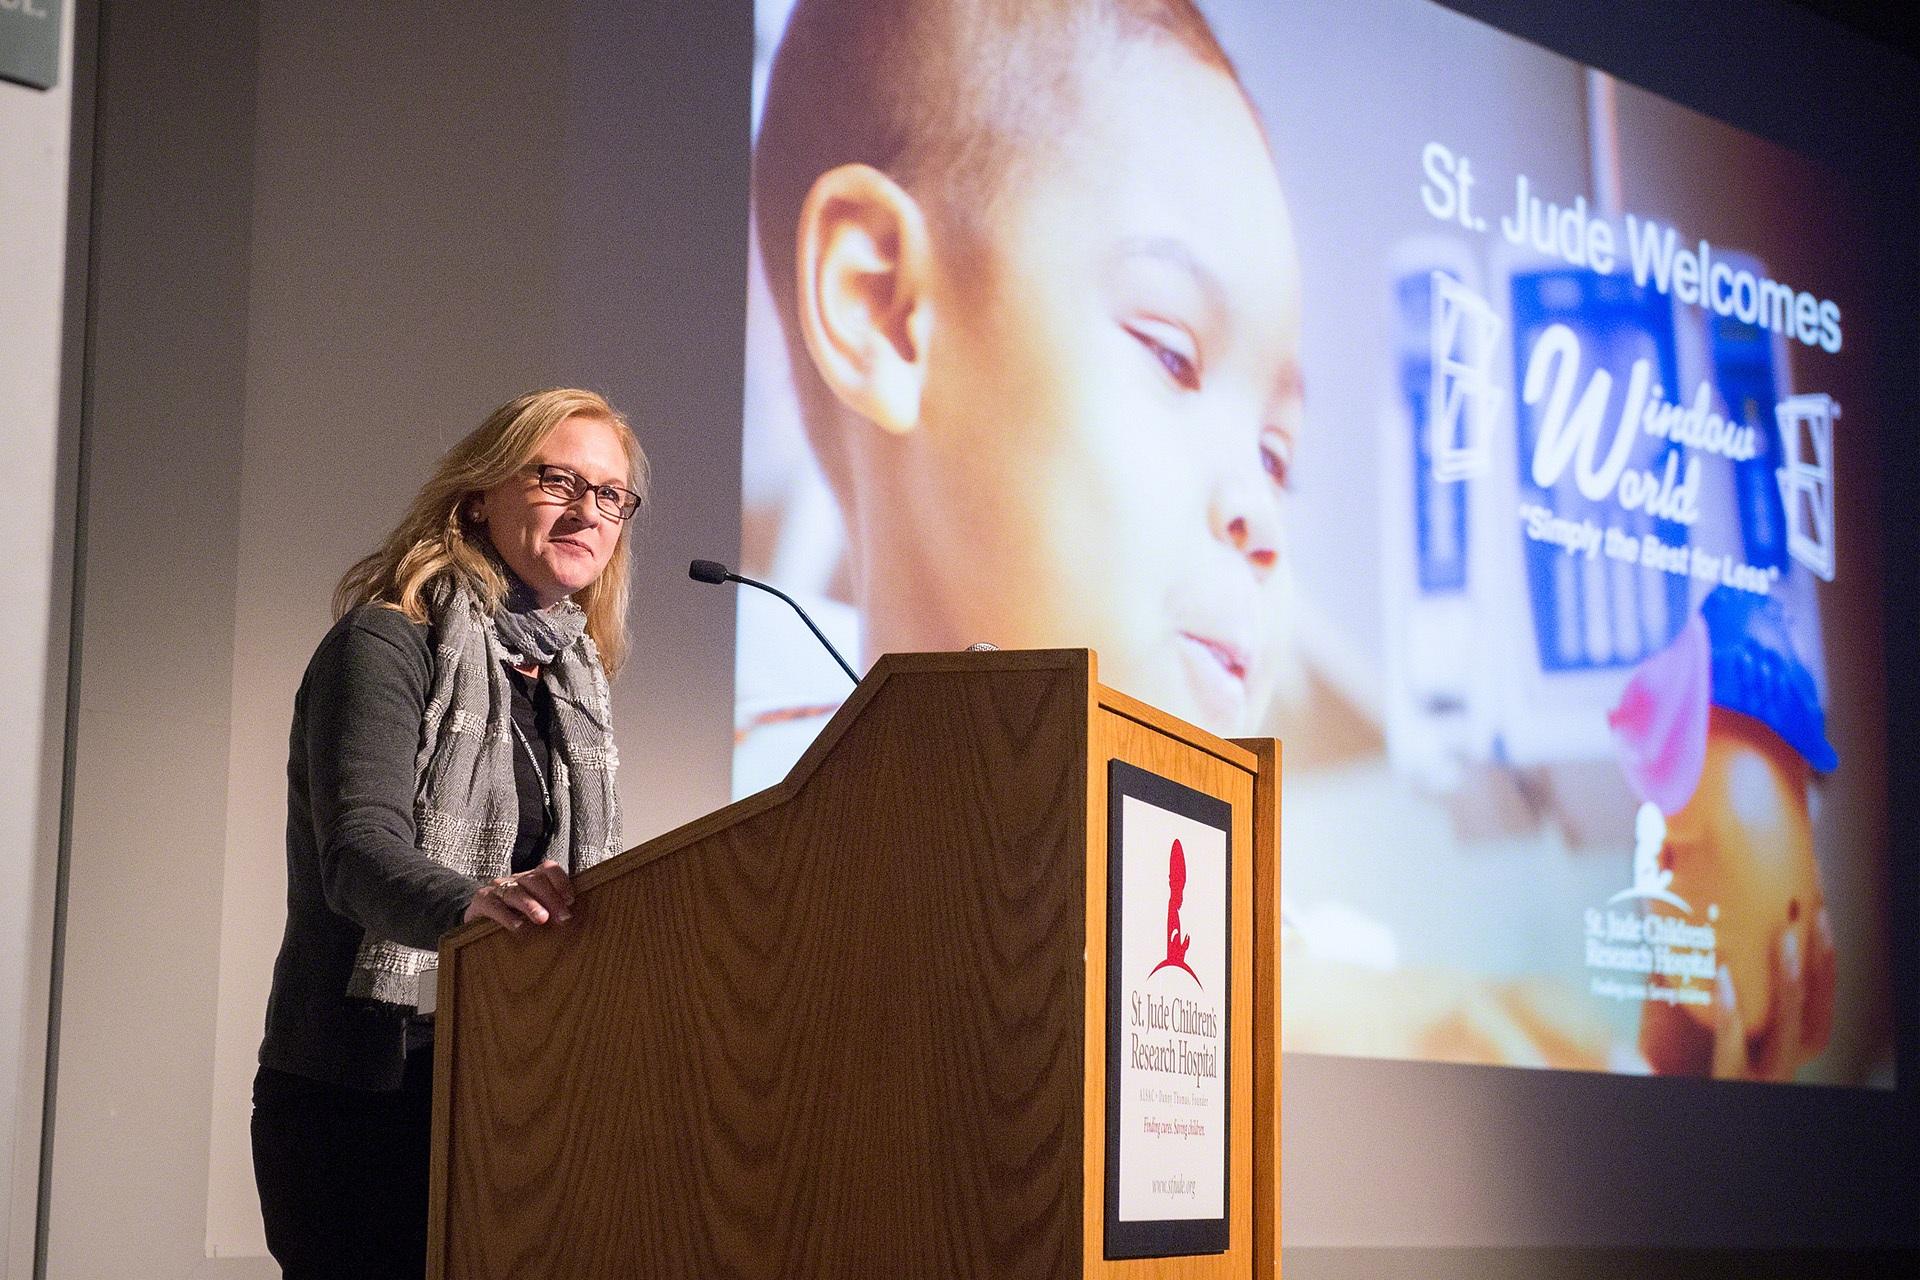 Window World CEO Tammy Whitworth speaks at St. Jude